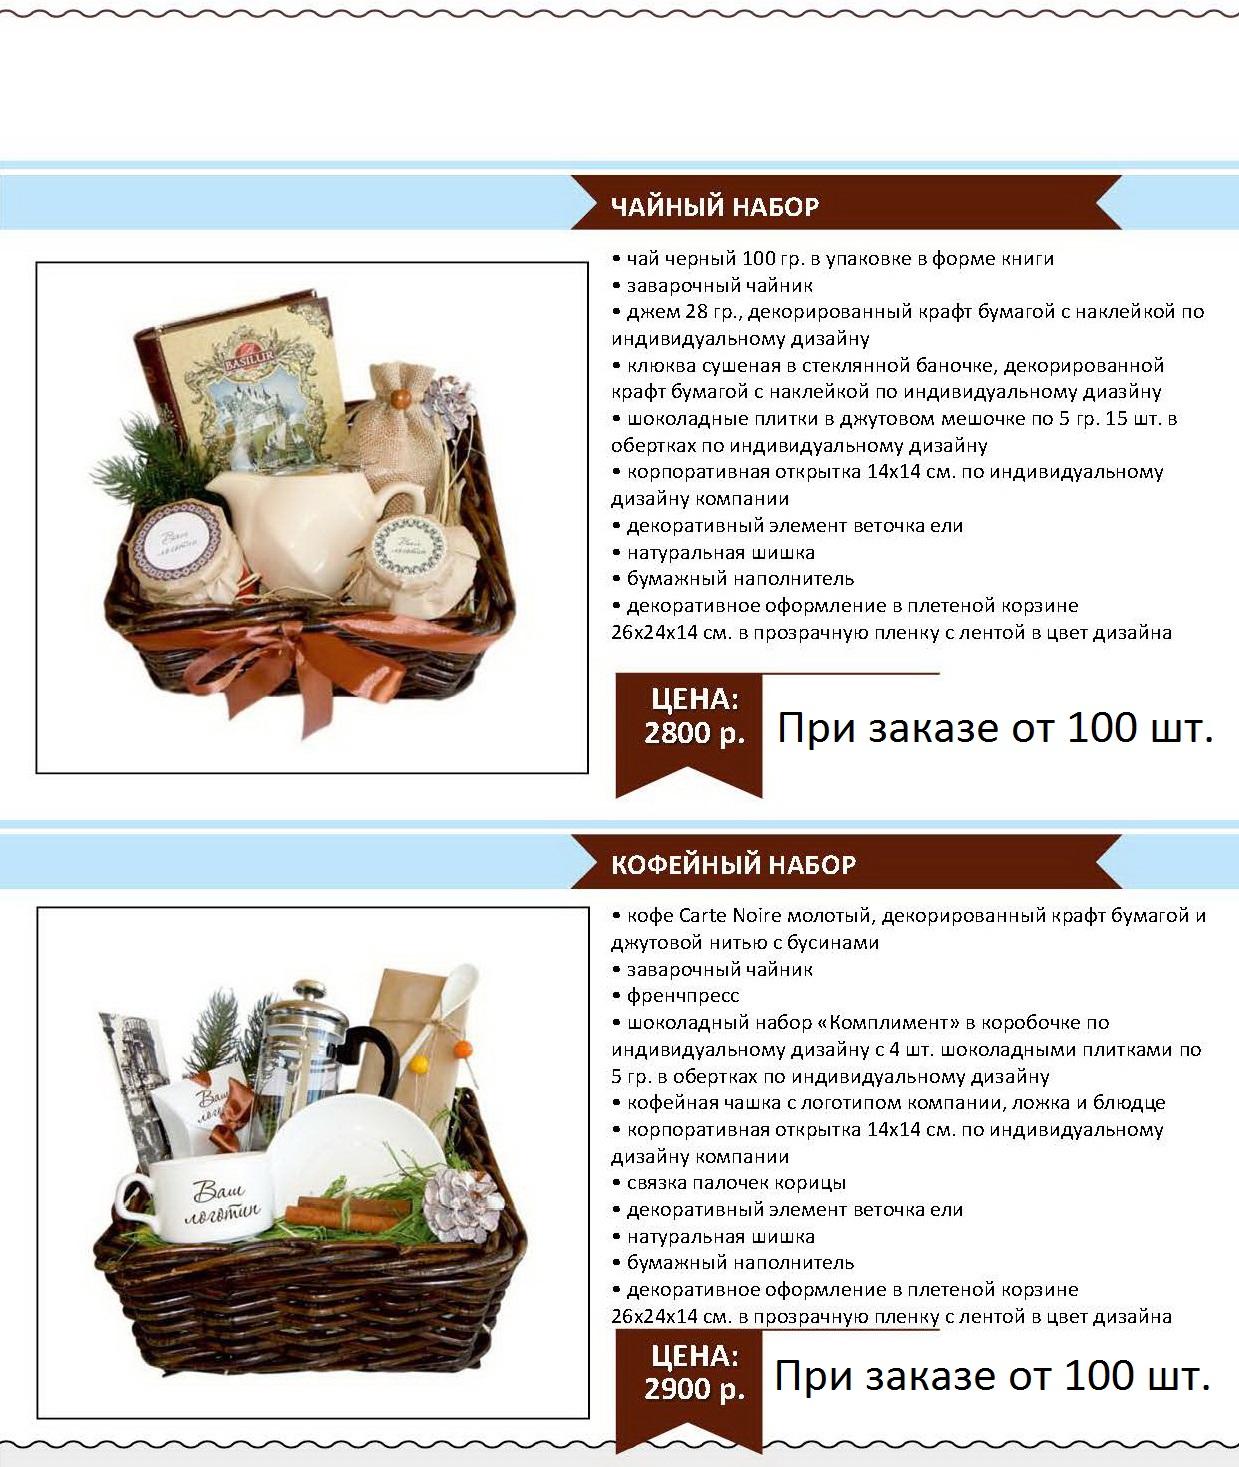 new_year_stranitsa_103